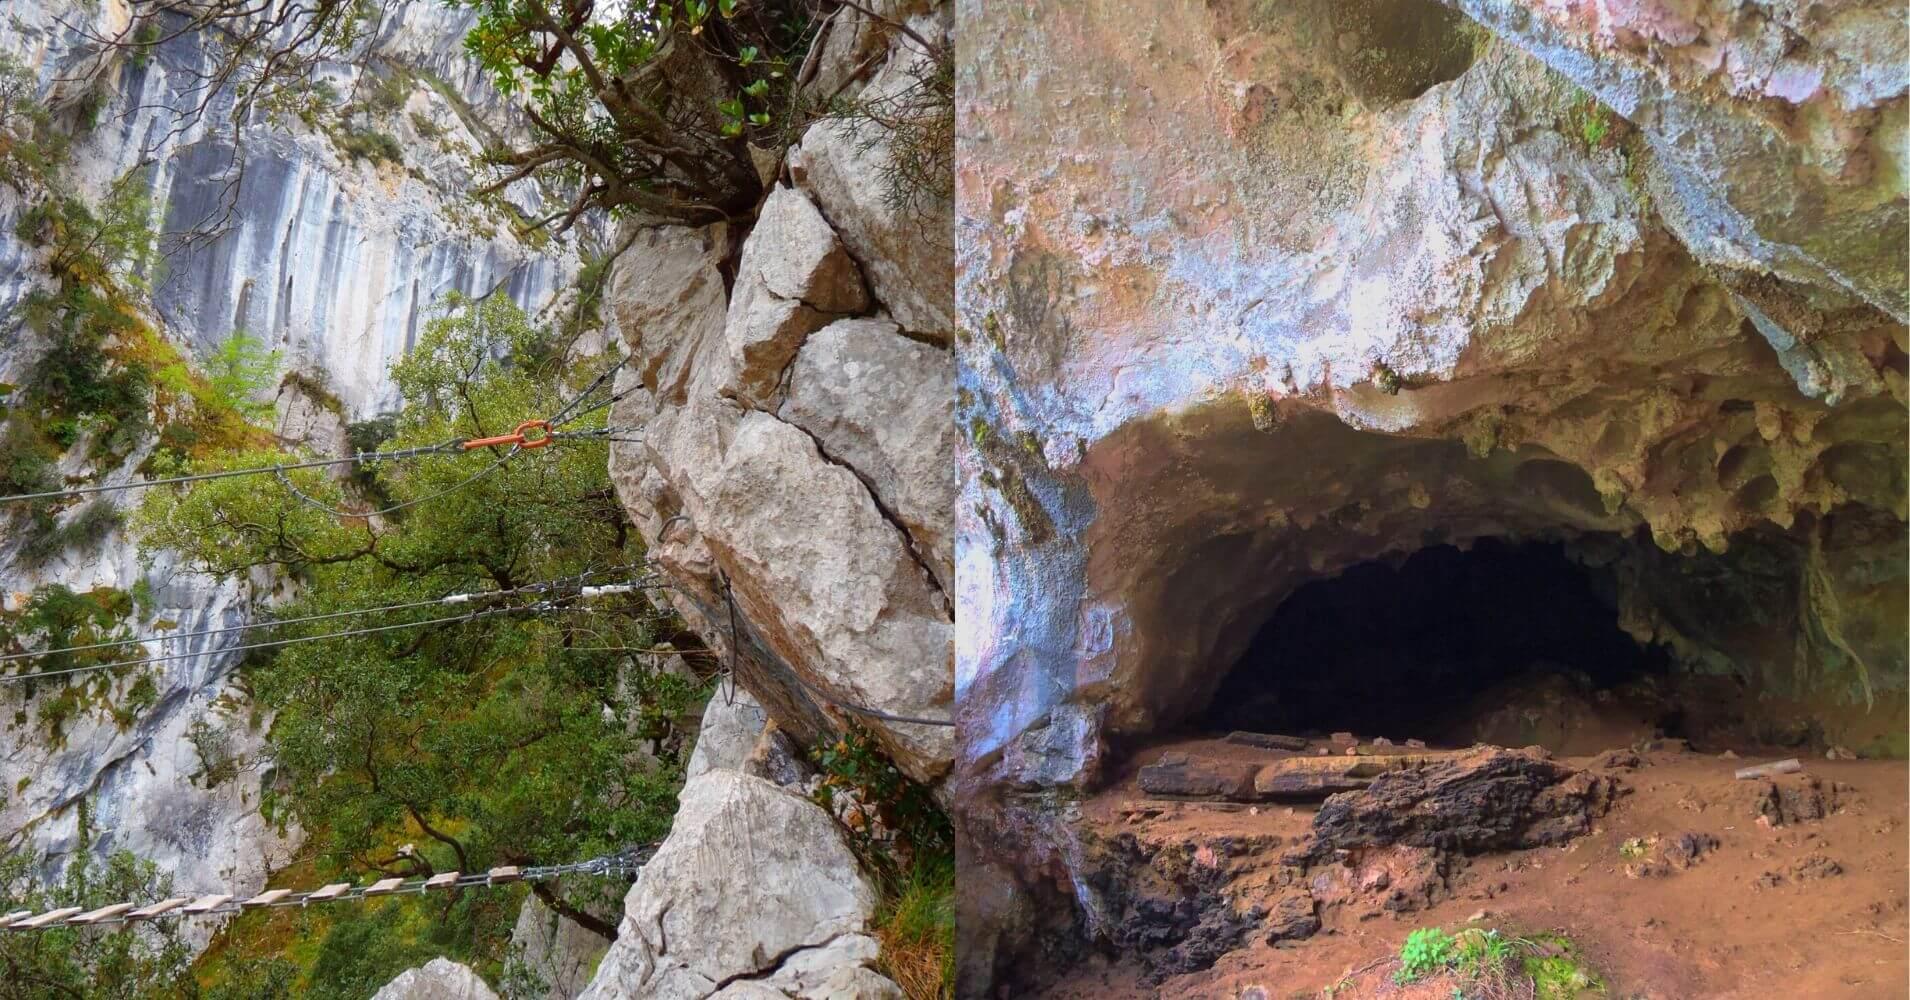 Cueva en la Vía Ferrata de la Hemida. Picos de Europa, Cantabria.